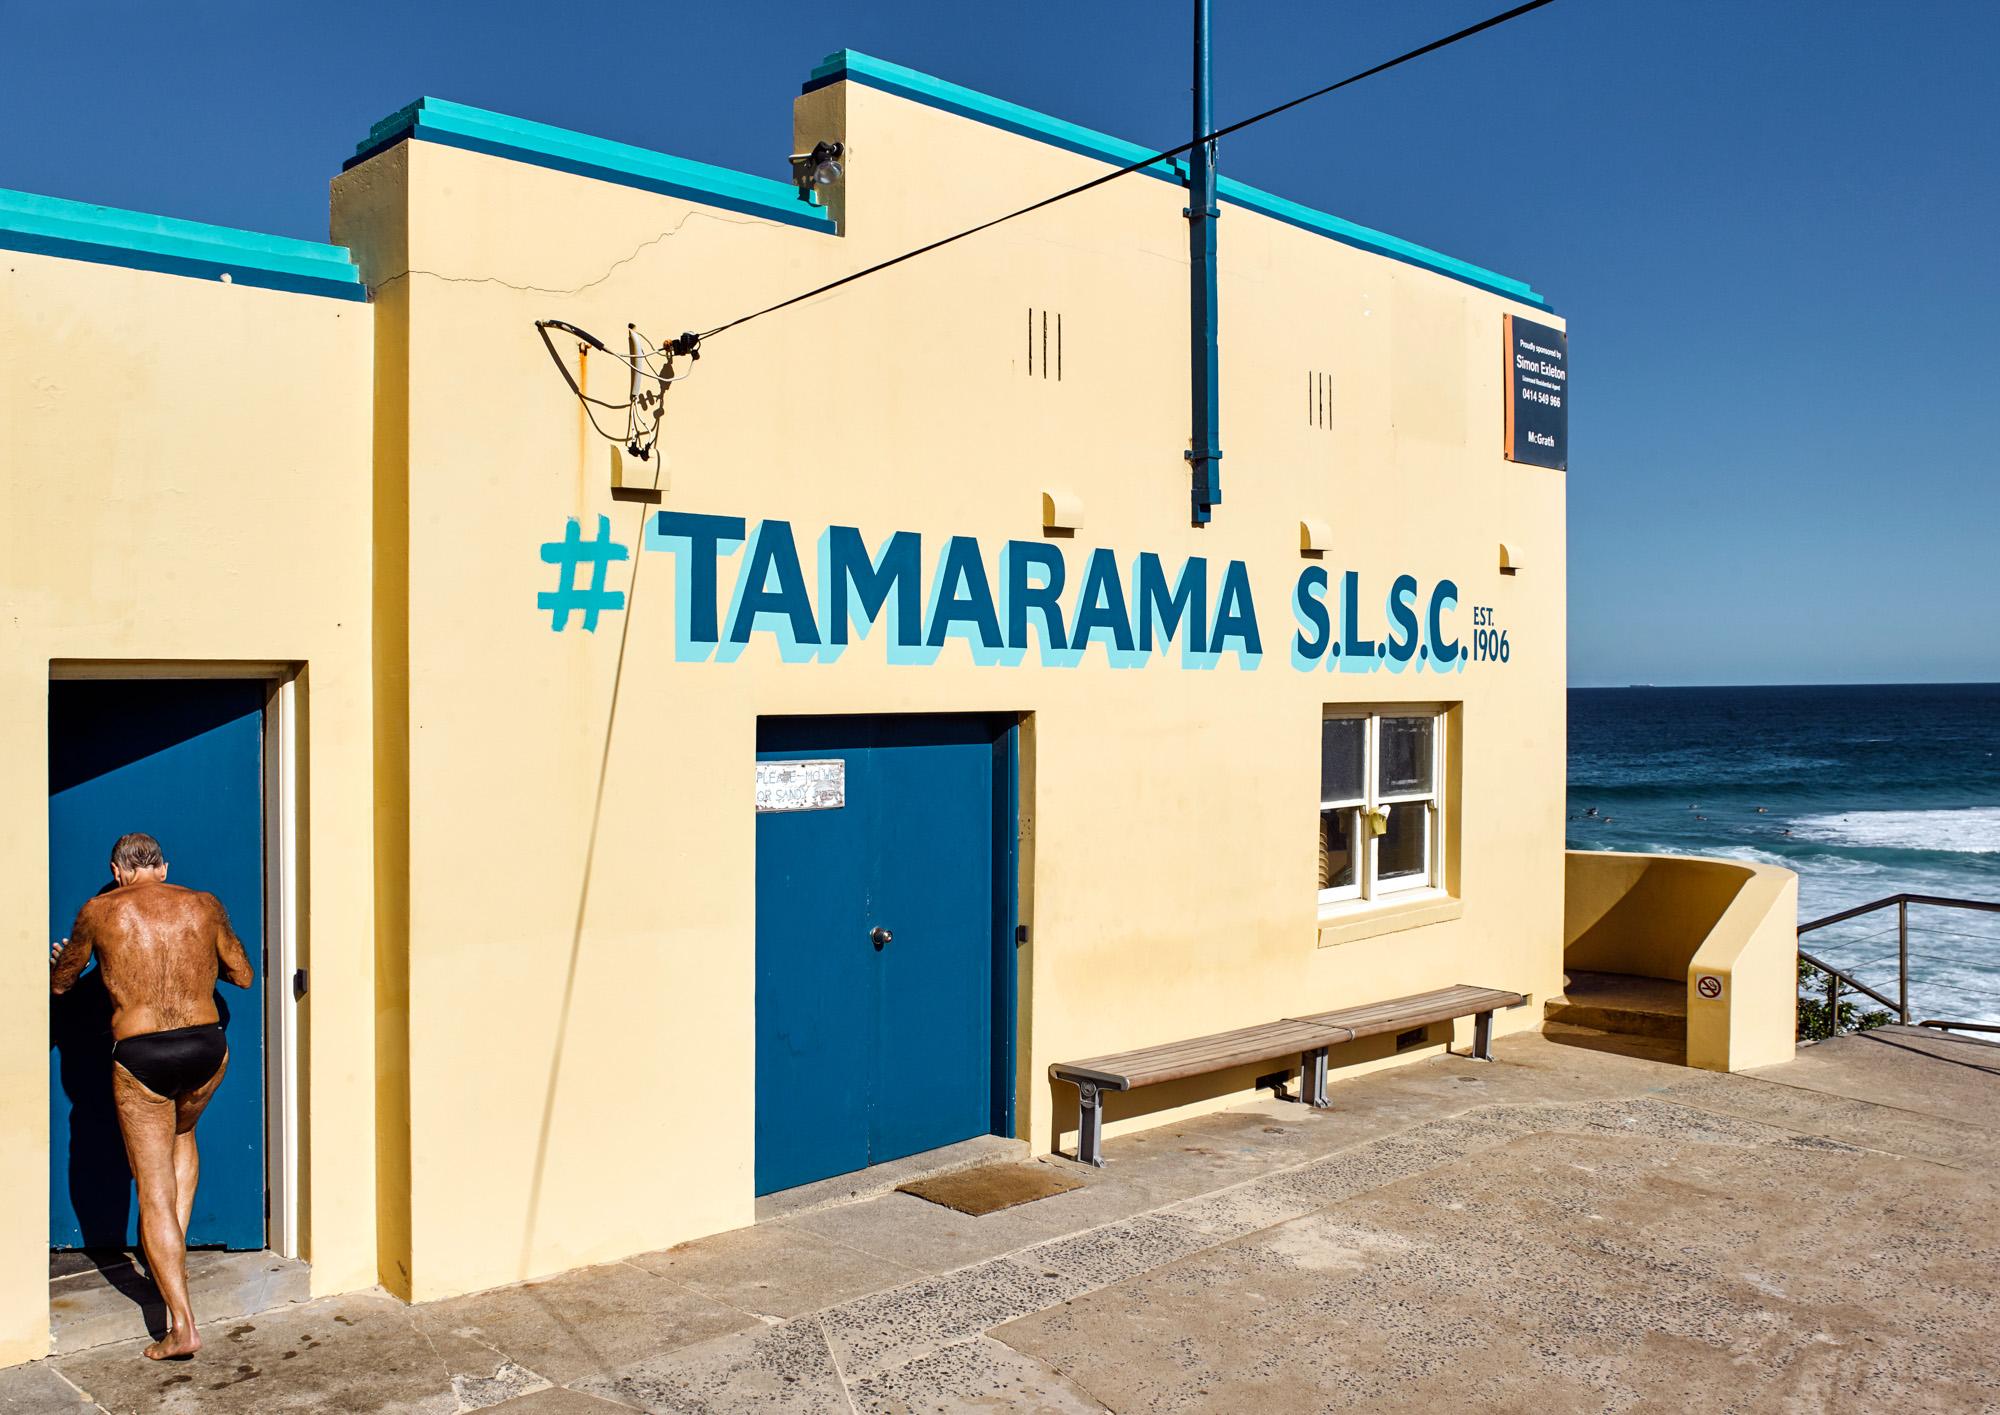 Tamarama S.L.S.C.jpg